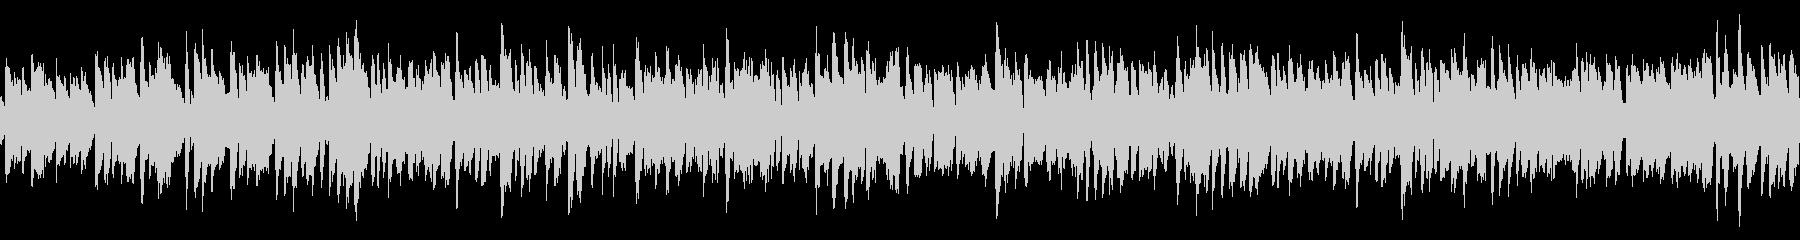 ポップなコメディー向きBGM(ループ)の未再生の波形